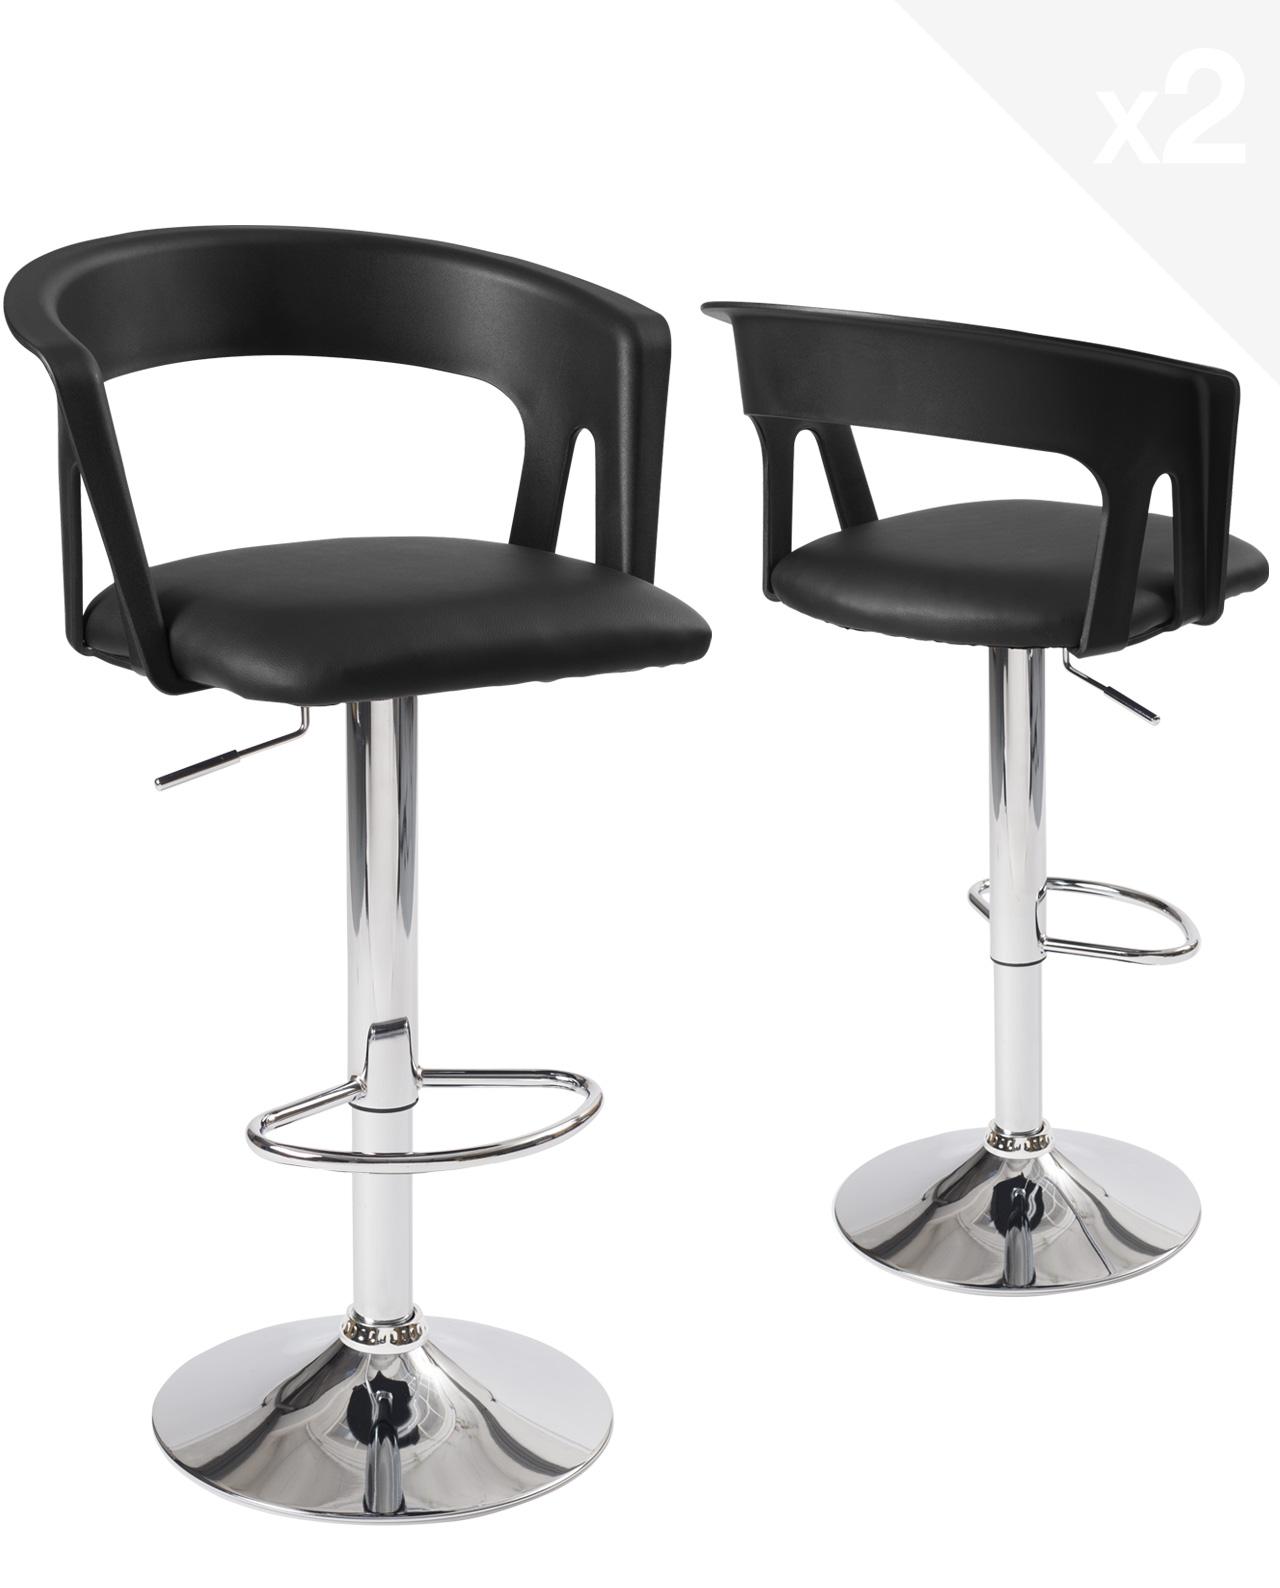 Comptoir ou Cuisine,Beige Tabouret pivotant R/églable et Adjustable pour Bar Leader Accessories,Lot de 2 Coquille Tabourets de Bar avec Diagonal Line